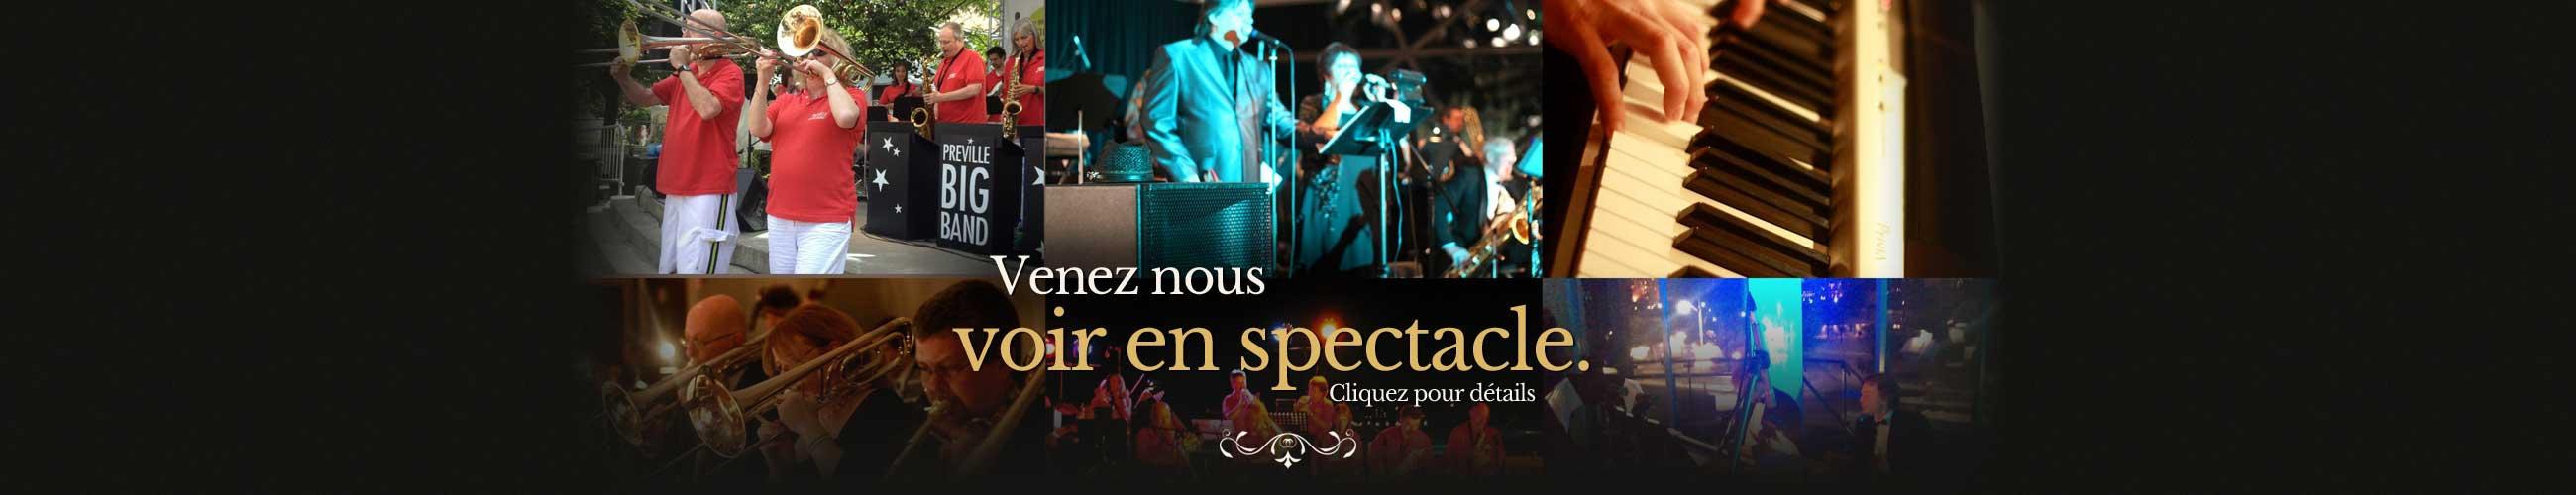 slider-events-fr